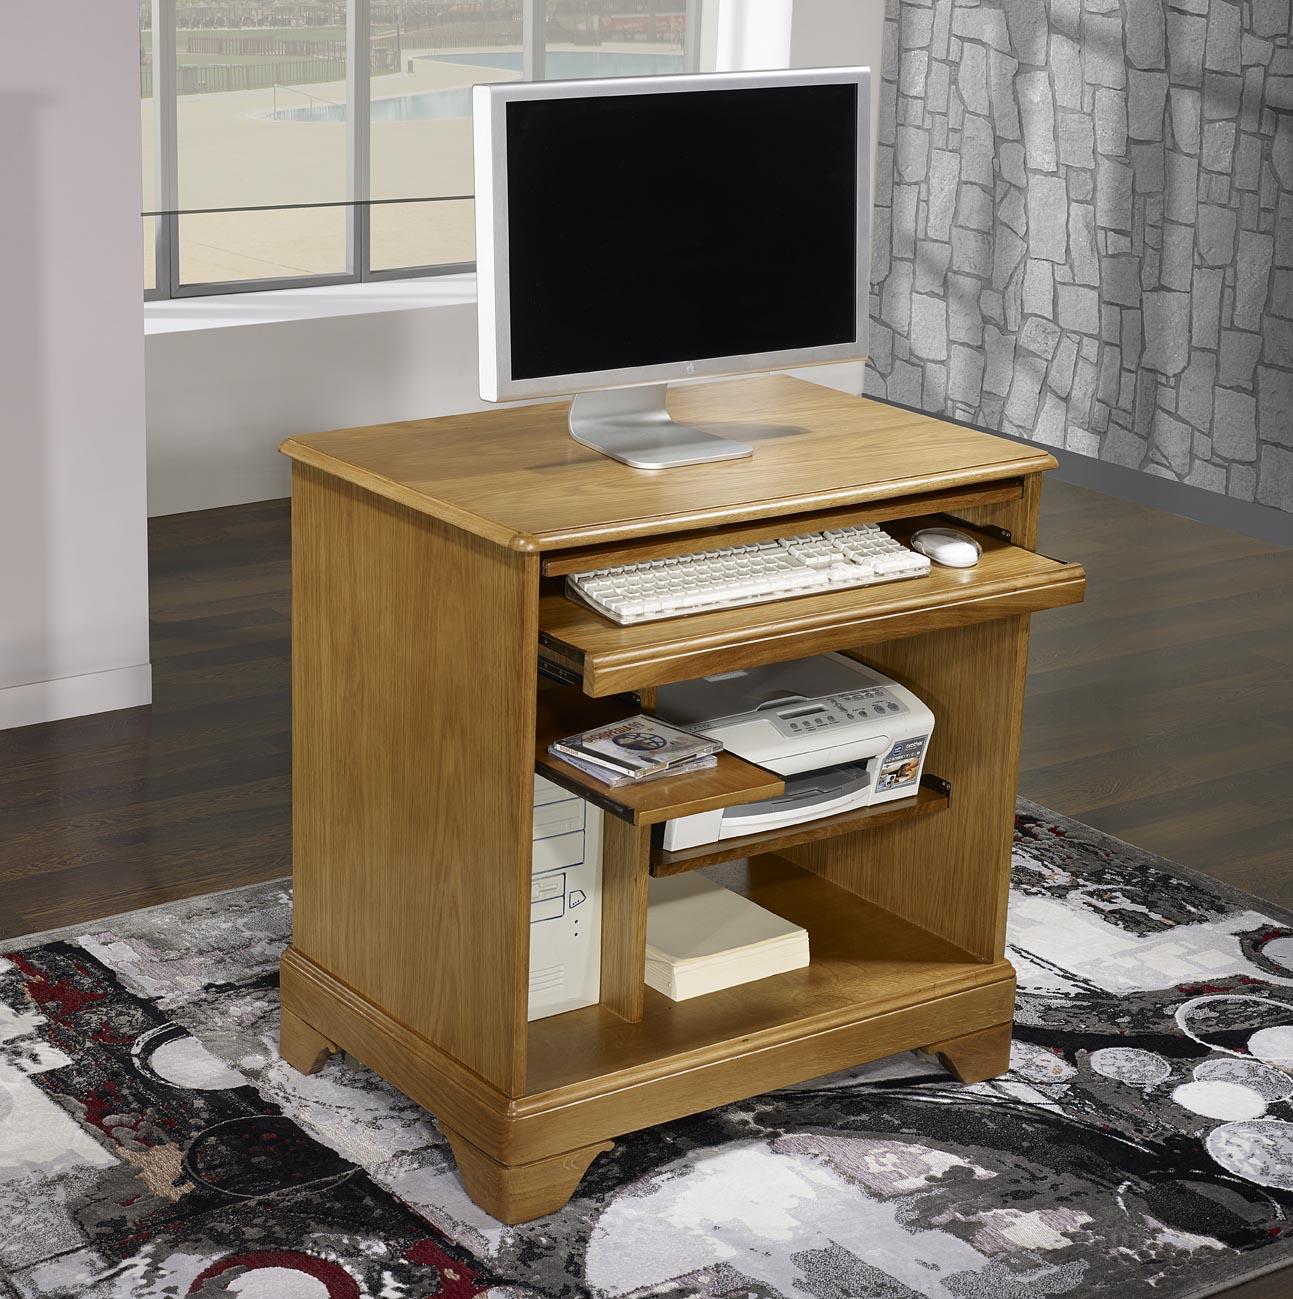 Customiser un bureau en bois - Meuble informatique bois ...